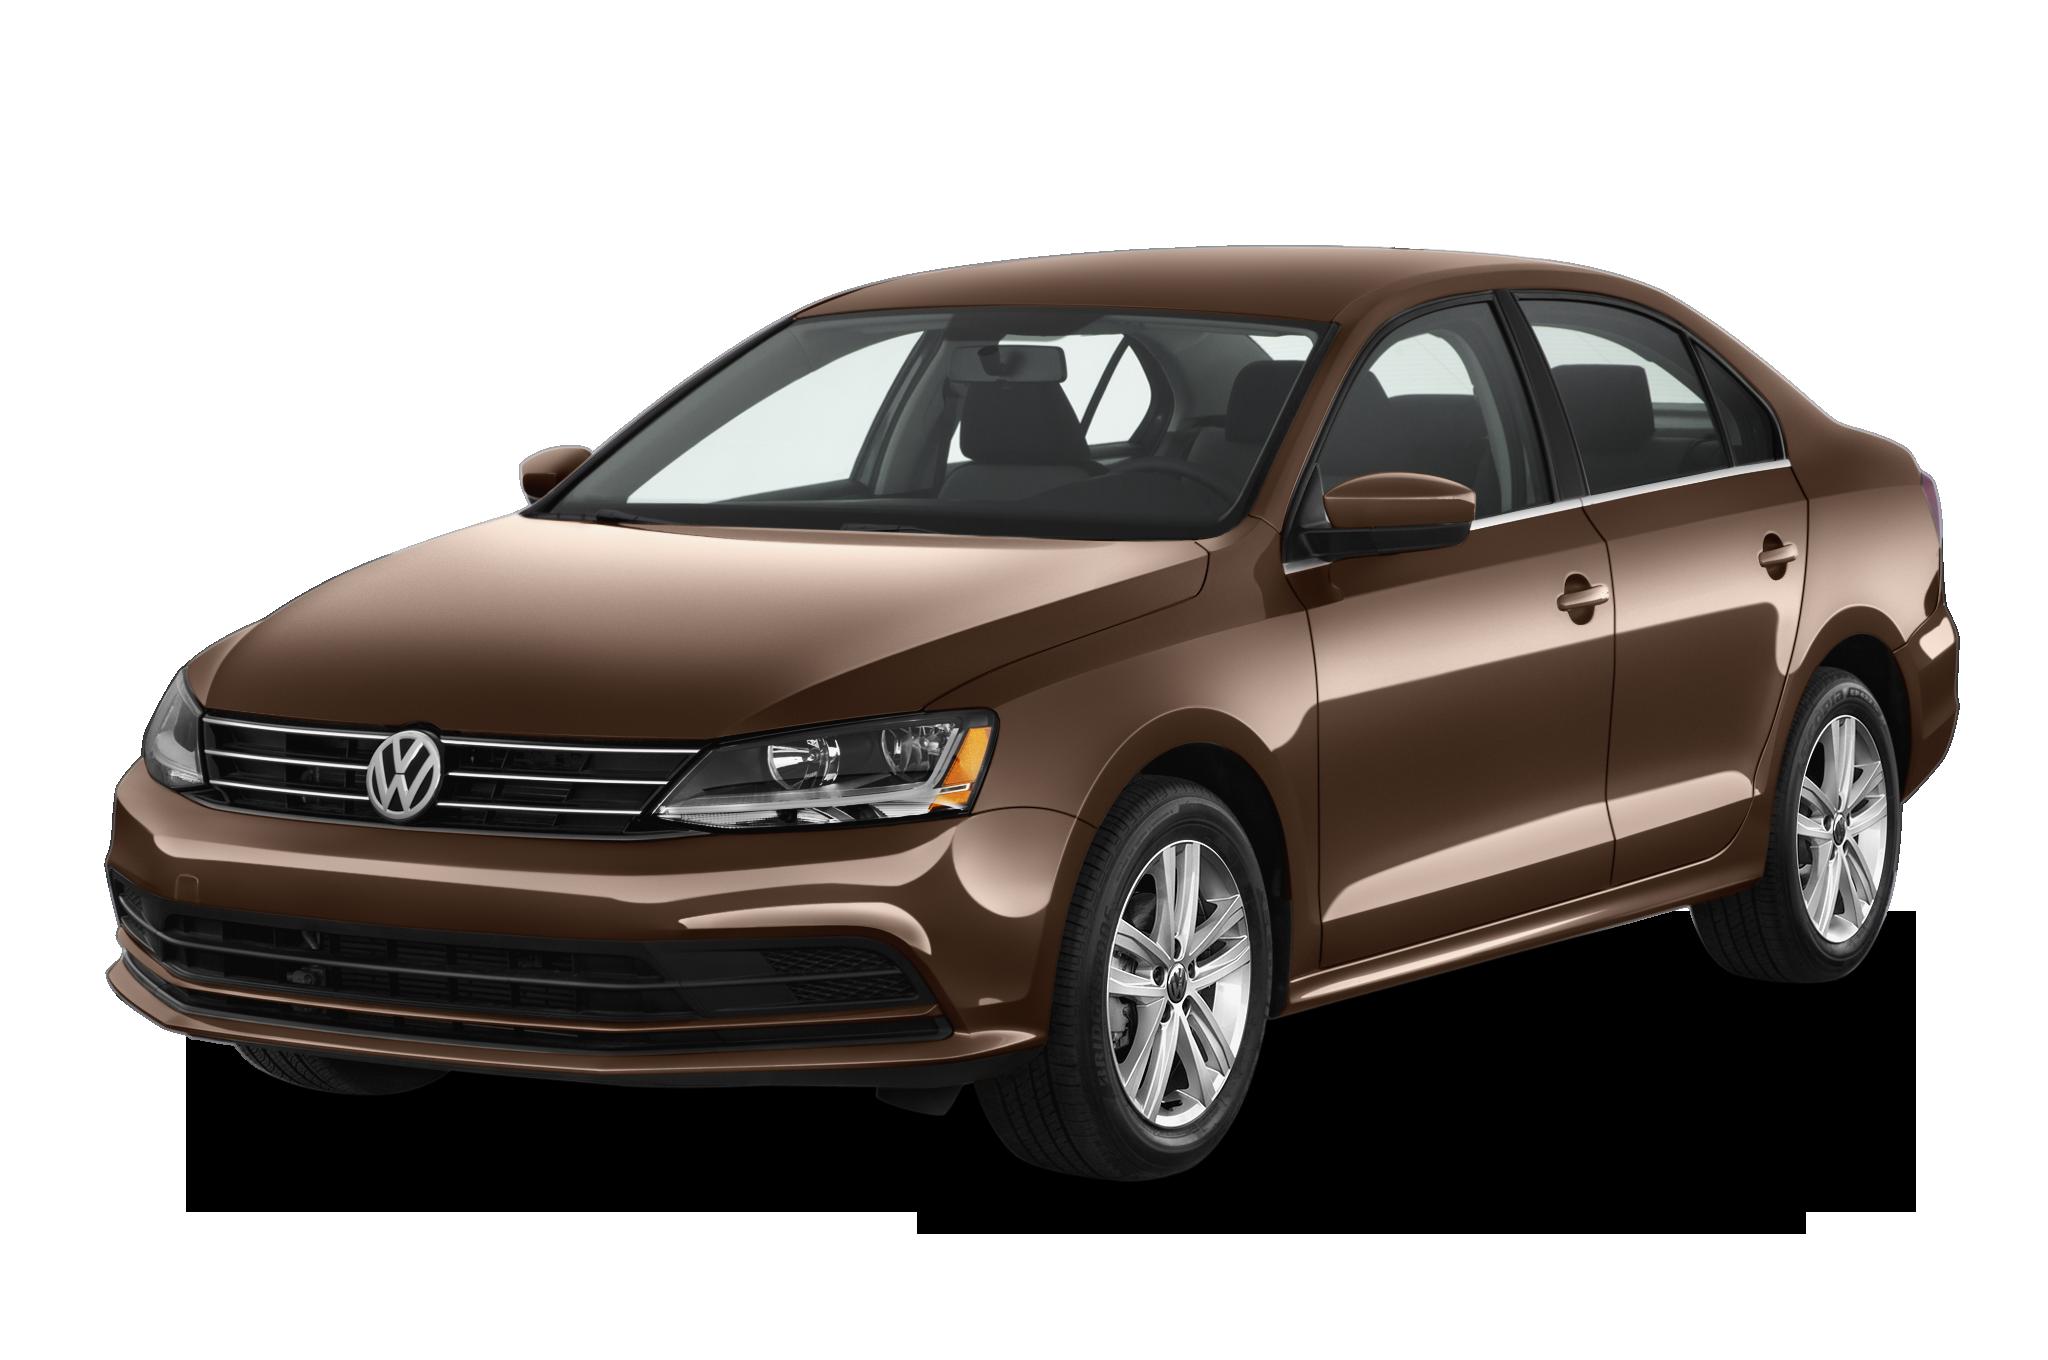 2017 Volkswagen Jetta Reviews.